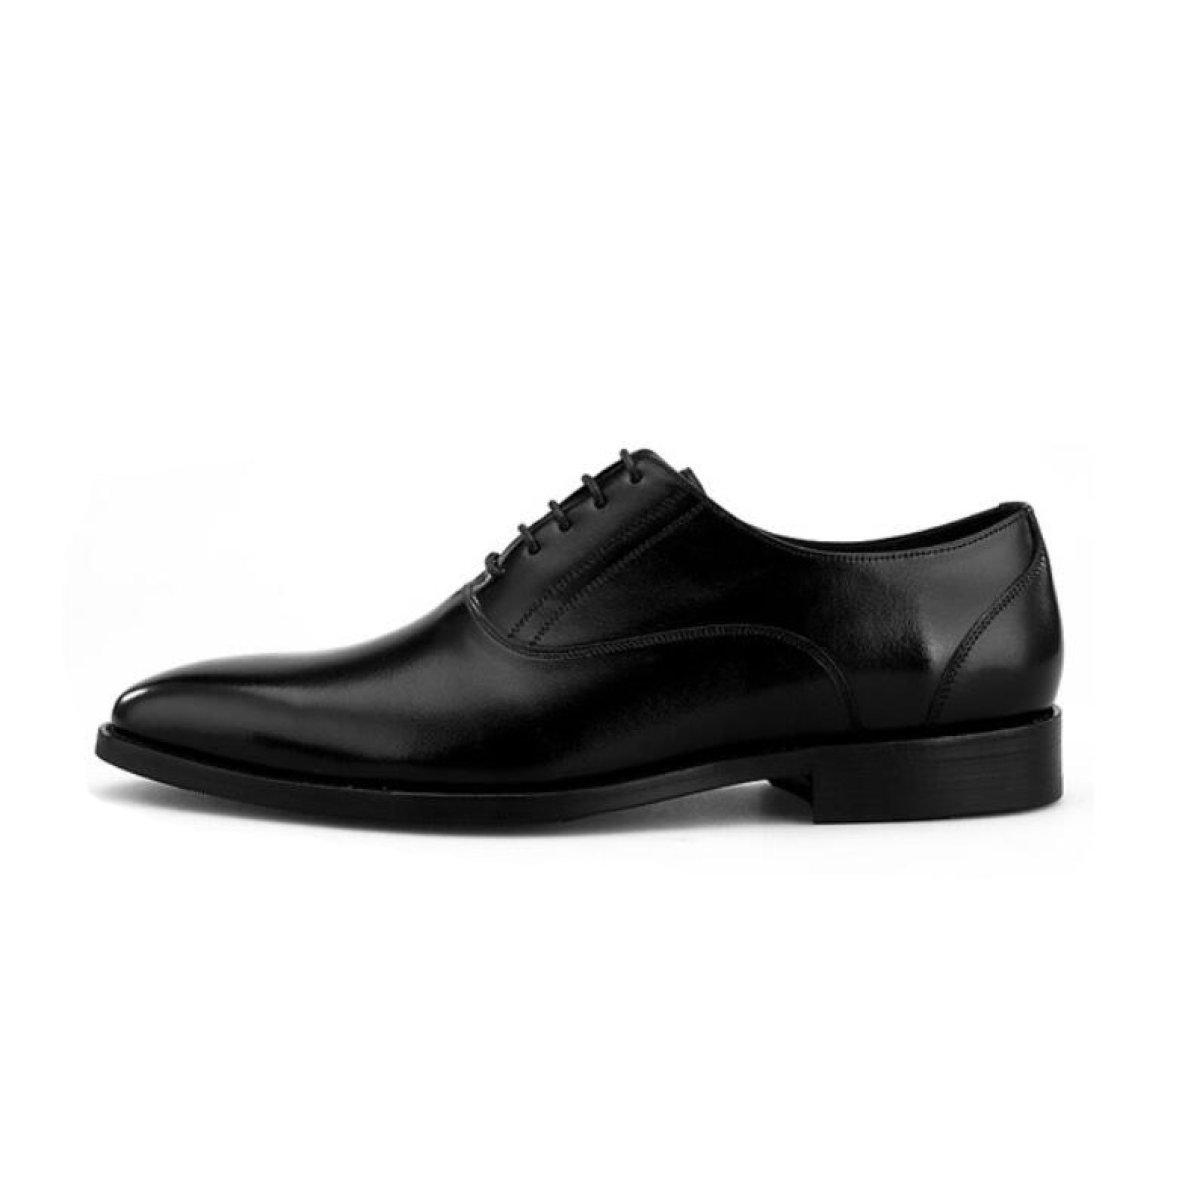 DKFJKI  Herrenwear Leder Leder Schuhe British Finger Spitze Geschäft Formalwear Gehobenen Männer Lederschuhe